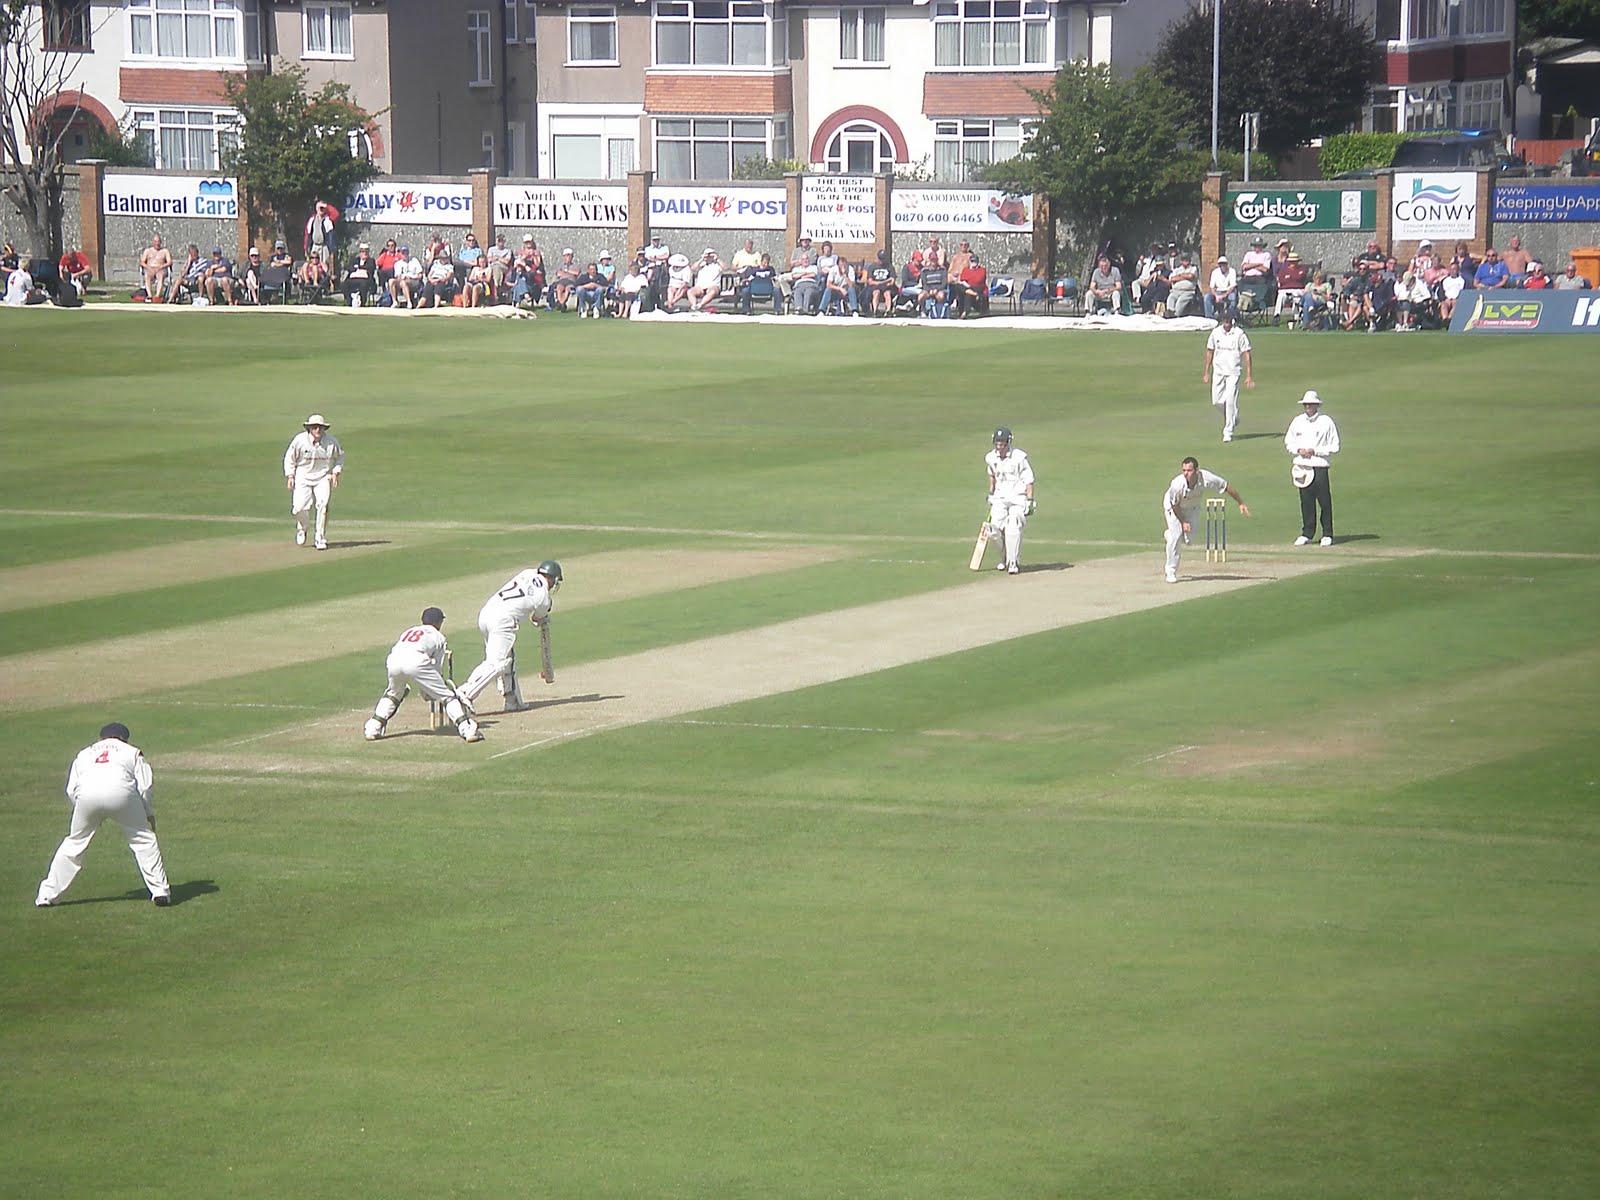 Colwyn Bay Cricket Club Map Colwyn Bay Cricket Club